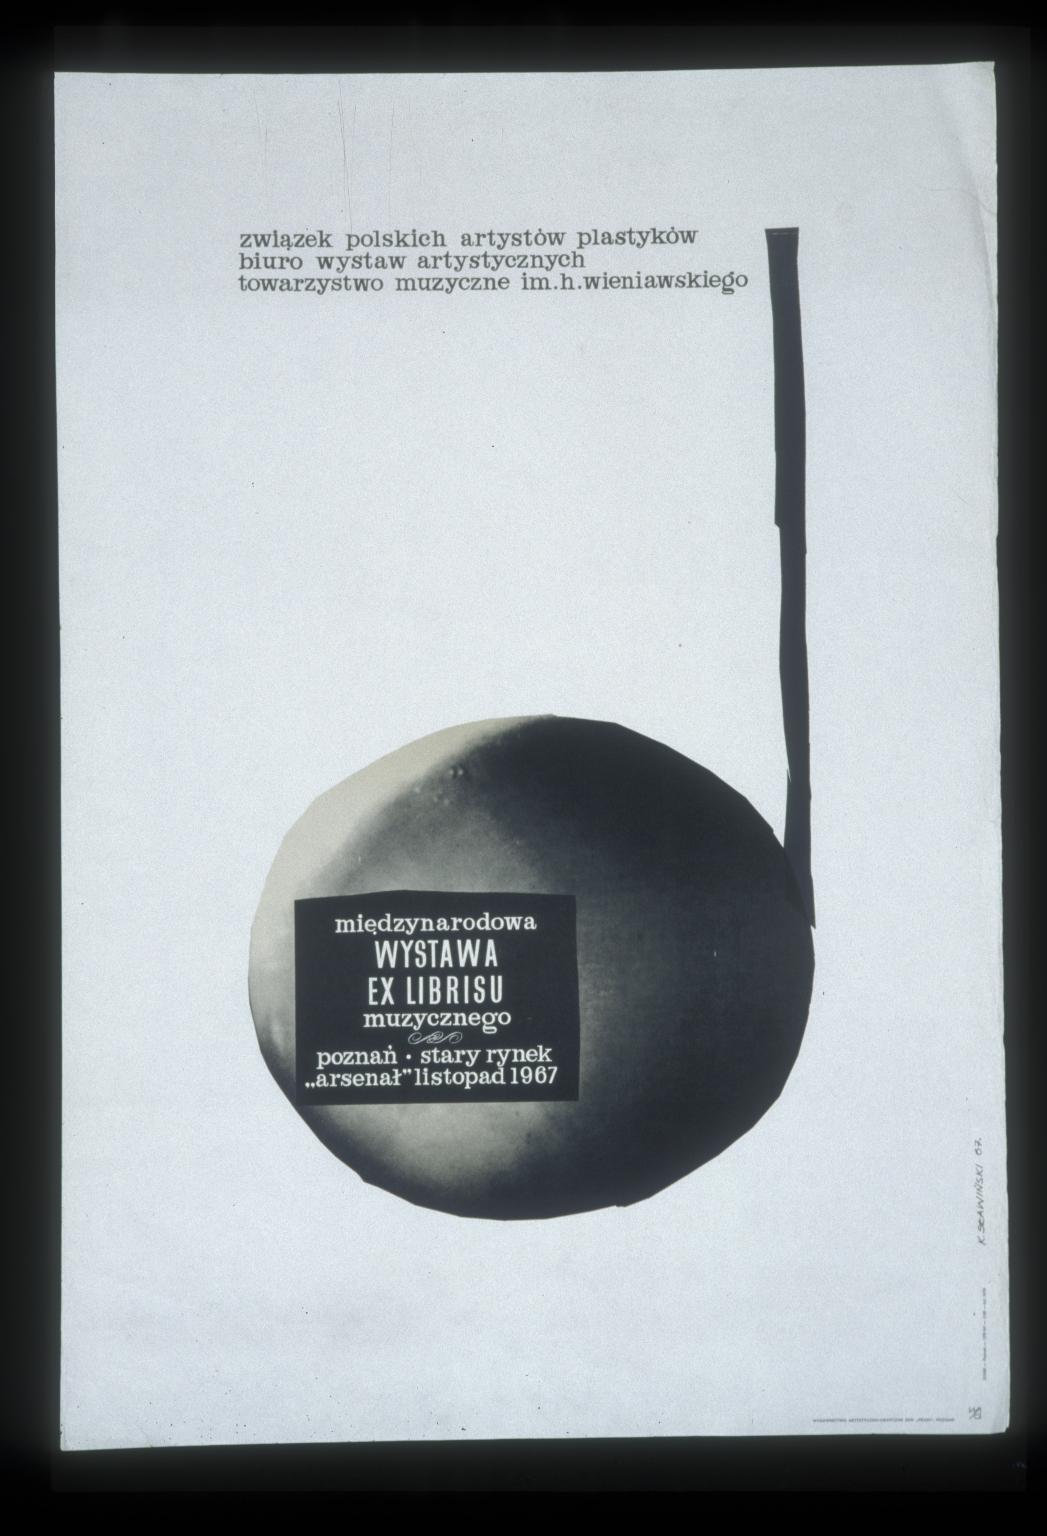 """Miedzynarodowa wystawa ex librisu muzycznego: Poznan, Stary Rynek """"Arsenal"""", listopad 1967"""